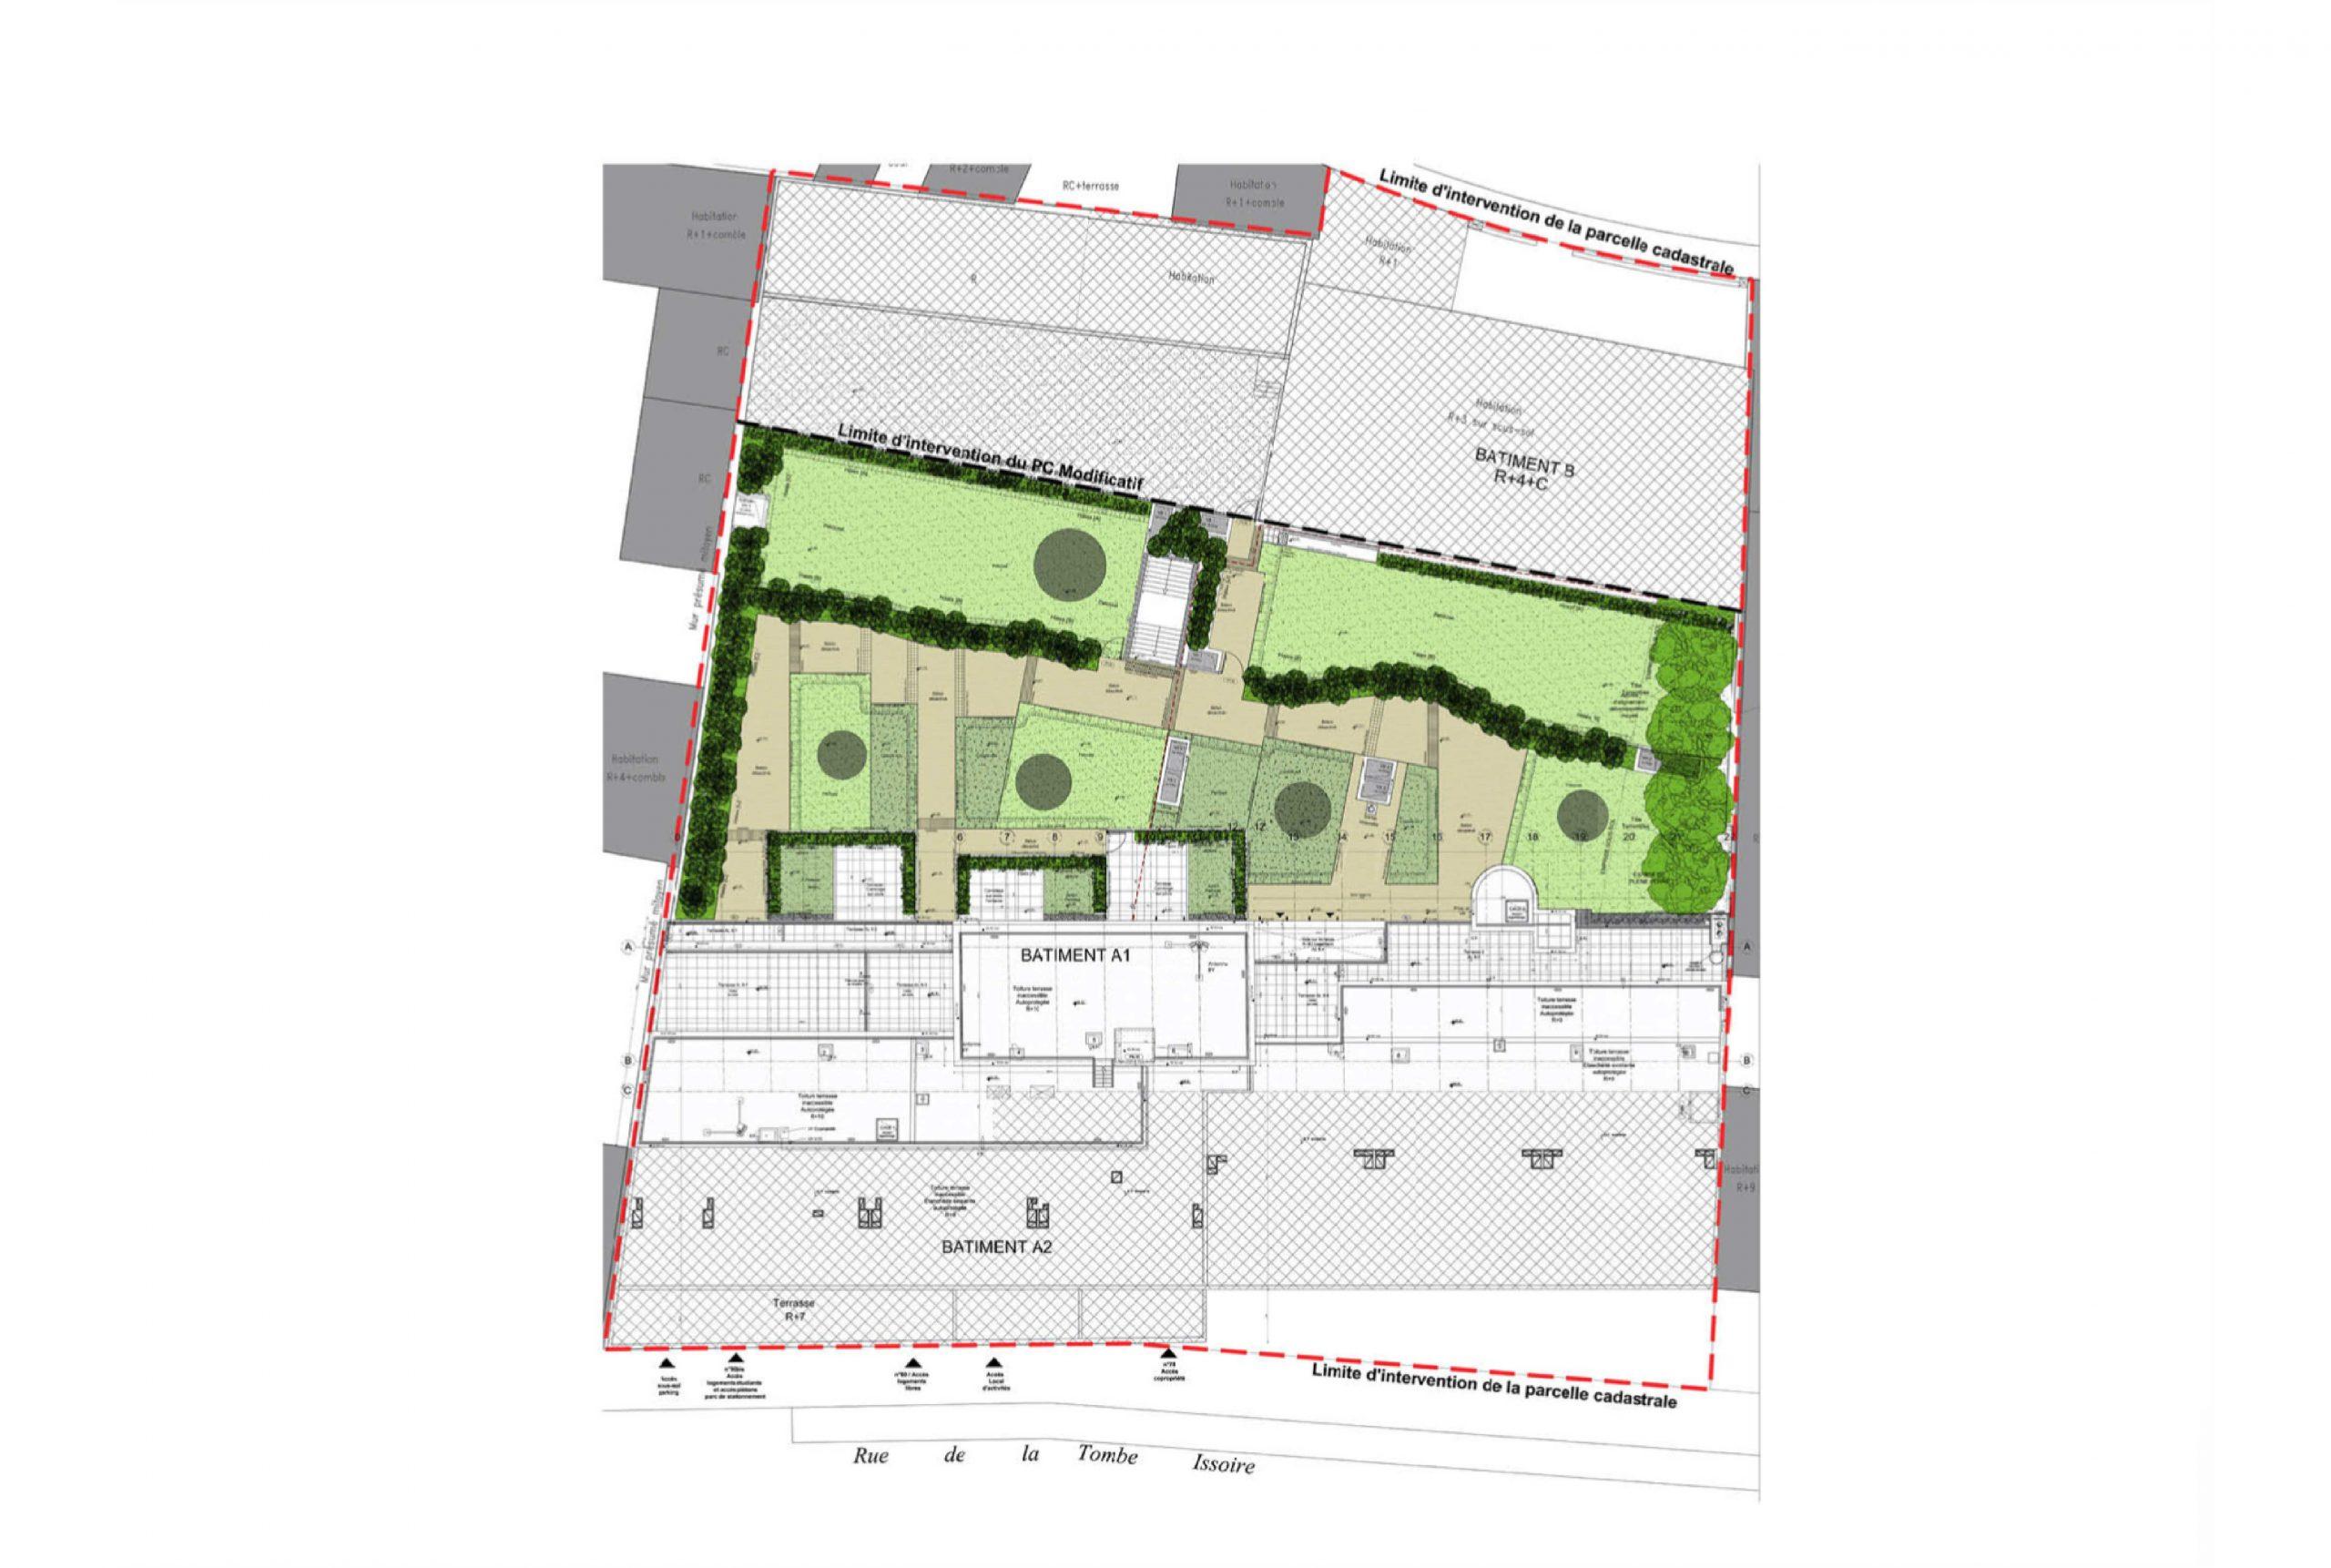 Projet rehabilitation Tombe Issoire 5 par Atelier JS Tabet